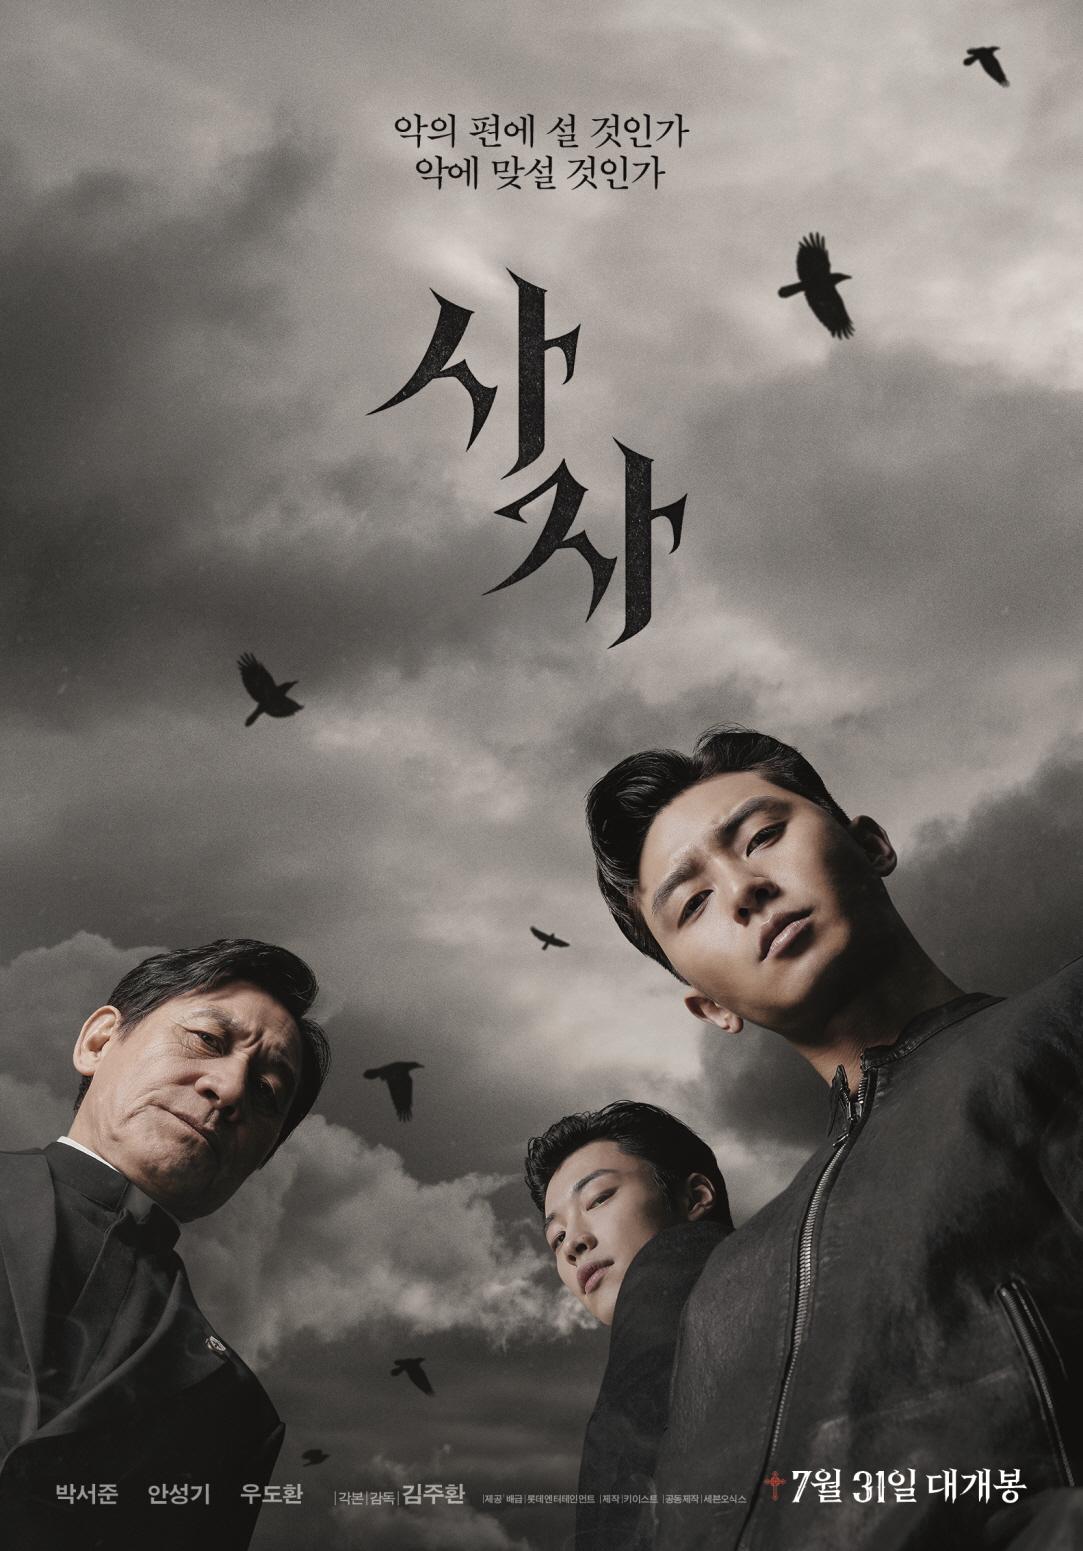 [크기변환]사자_2차 포스터_7월 31일 대개봉_A